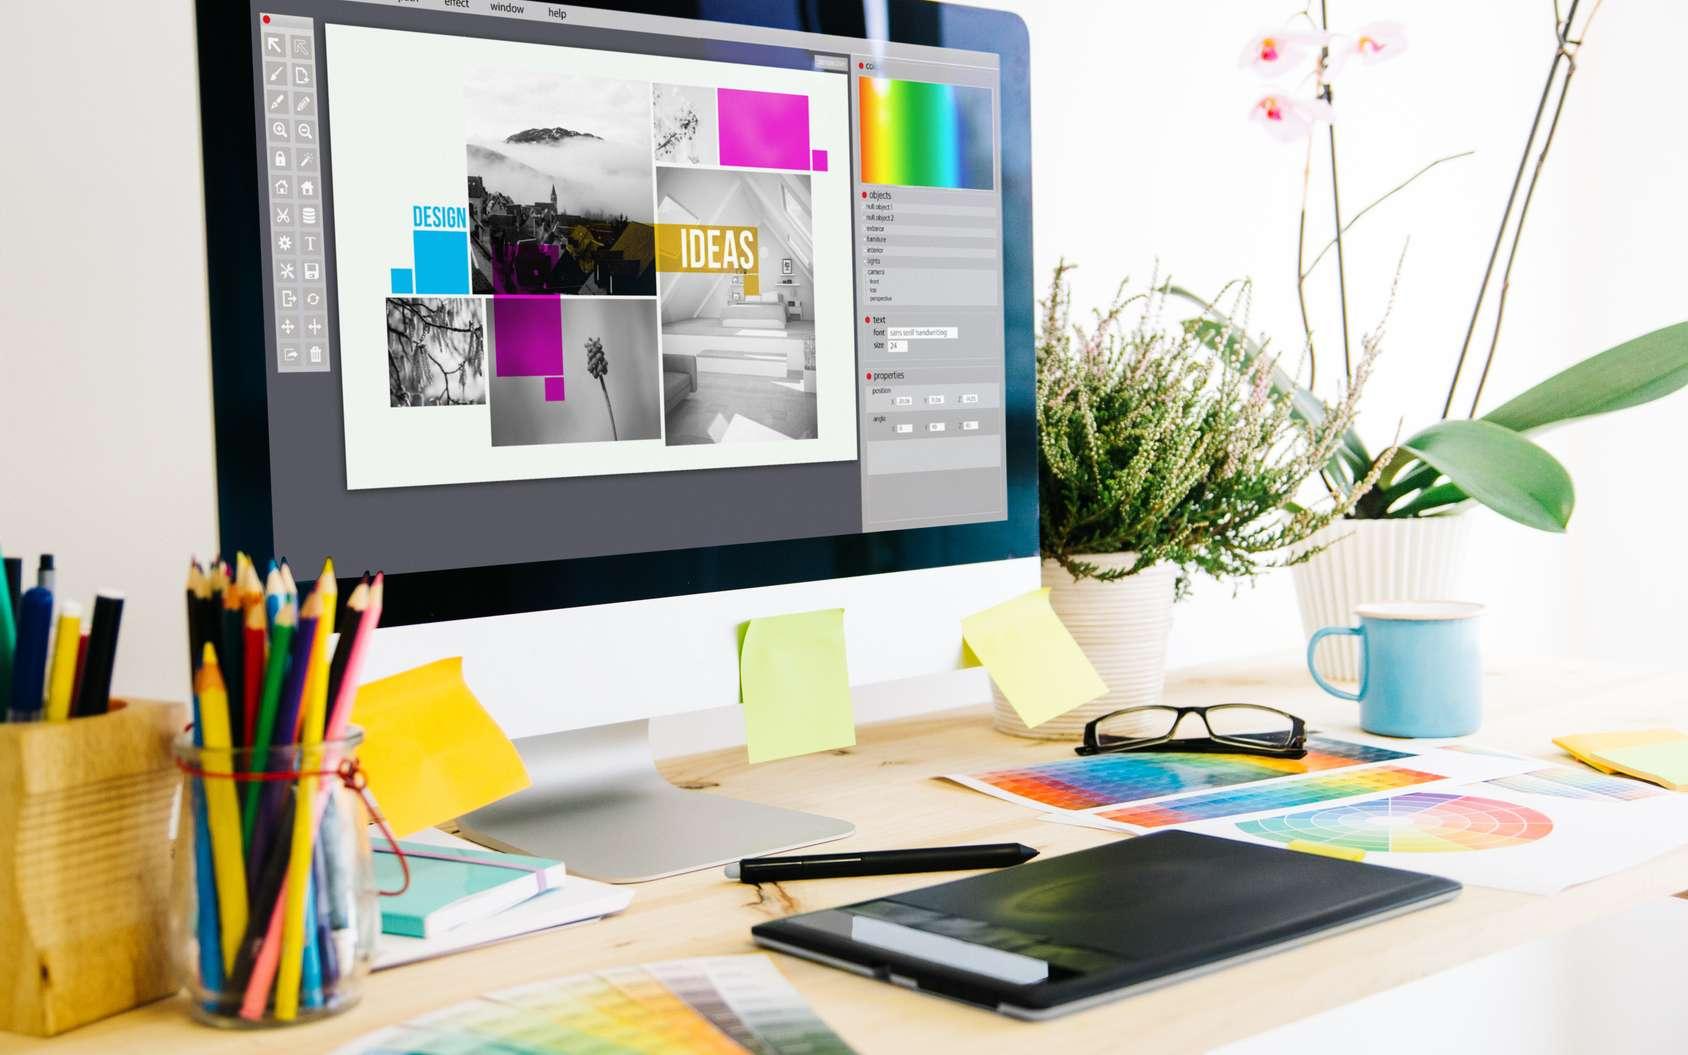 Choix des couleurs, de la mise en forme, de la police… Le graphiste web créé l'identité visuelle d'une marque via son site ou son application web. © georgejmclittle, Fotolia.